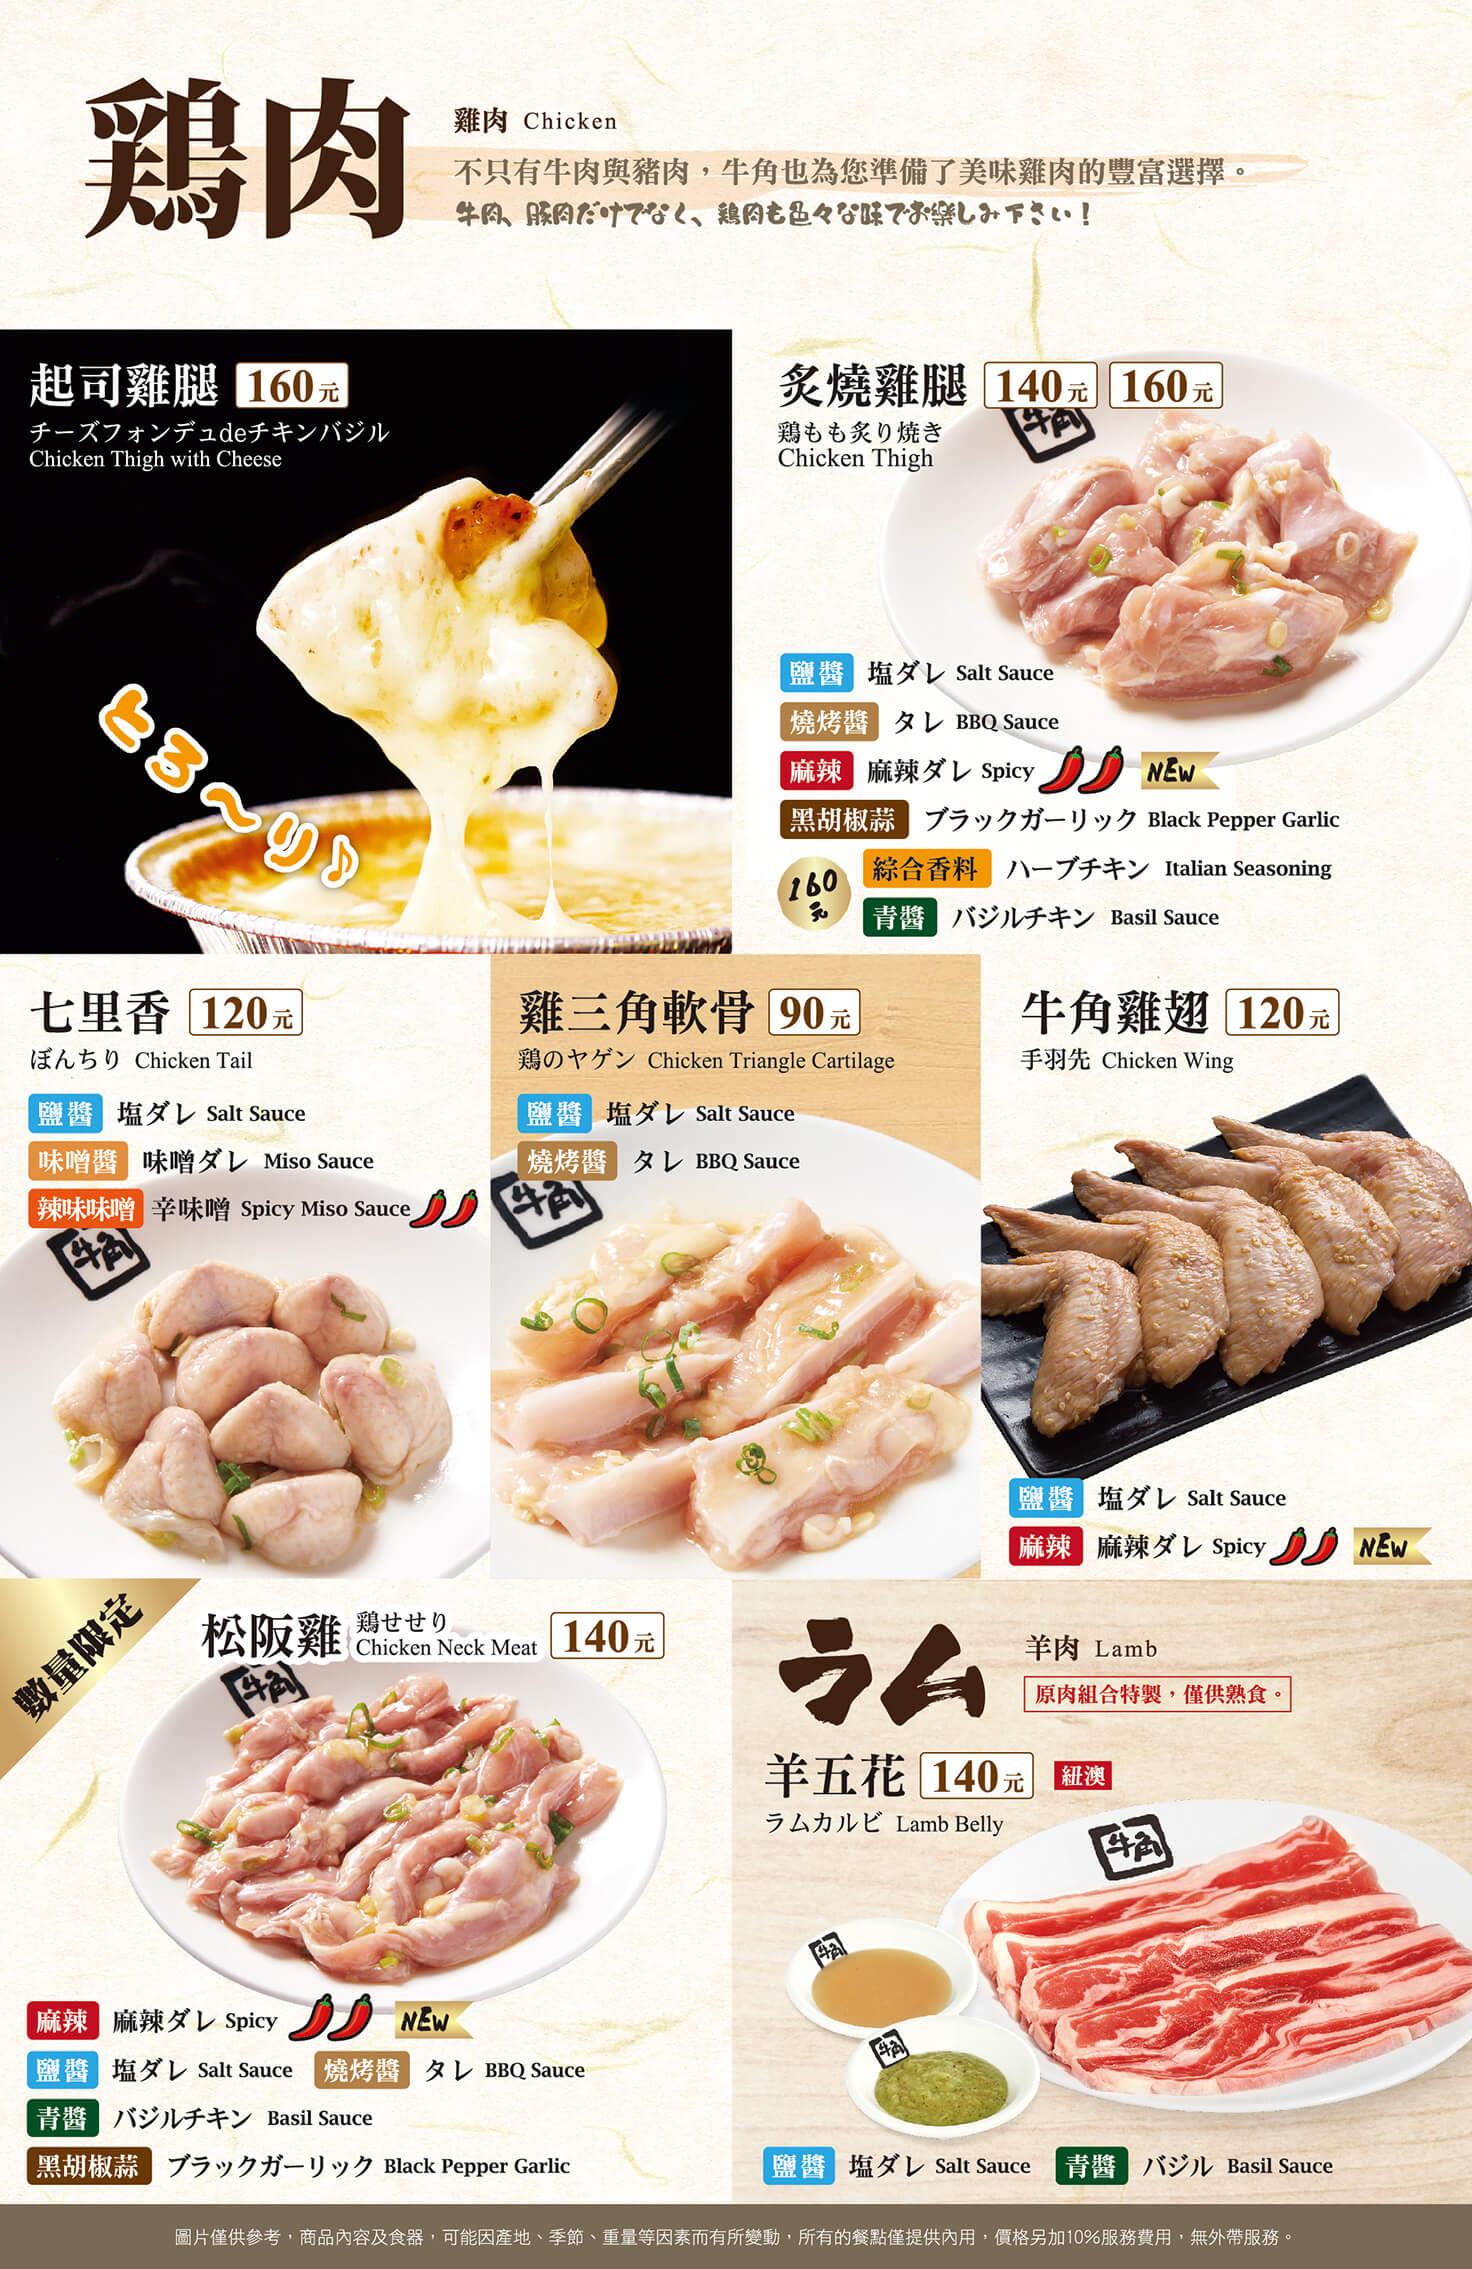 牛角燒肉菜單-牛肉